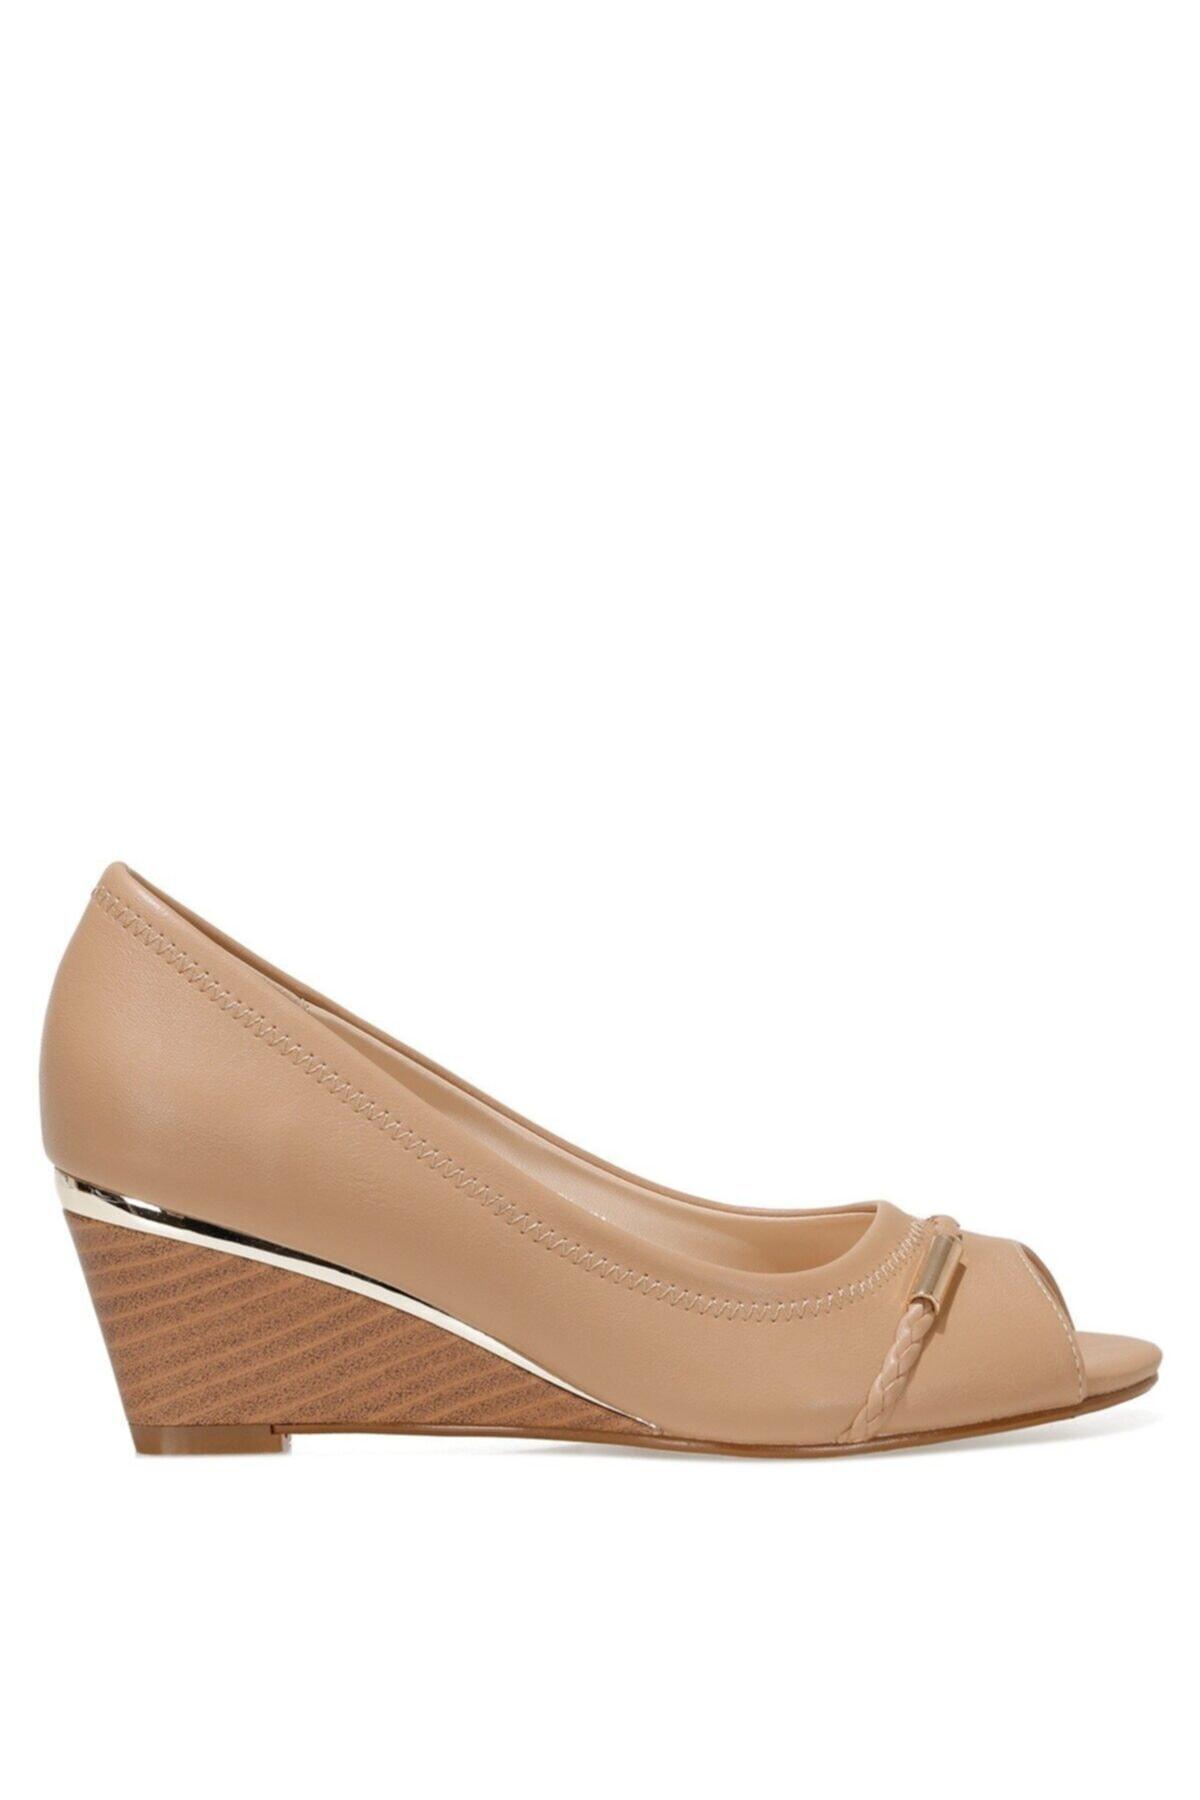 BIRENNA 1FX NUDE Kadın Dolgu Topuklu Ayakkabı 101027429